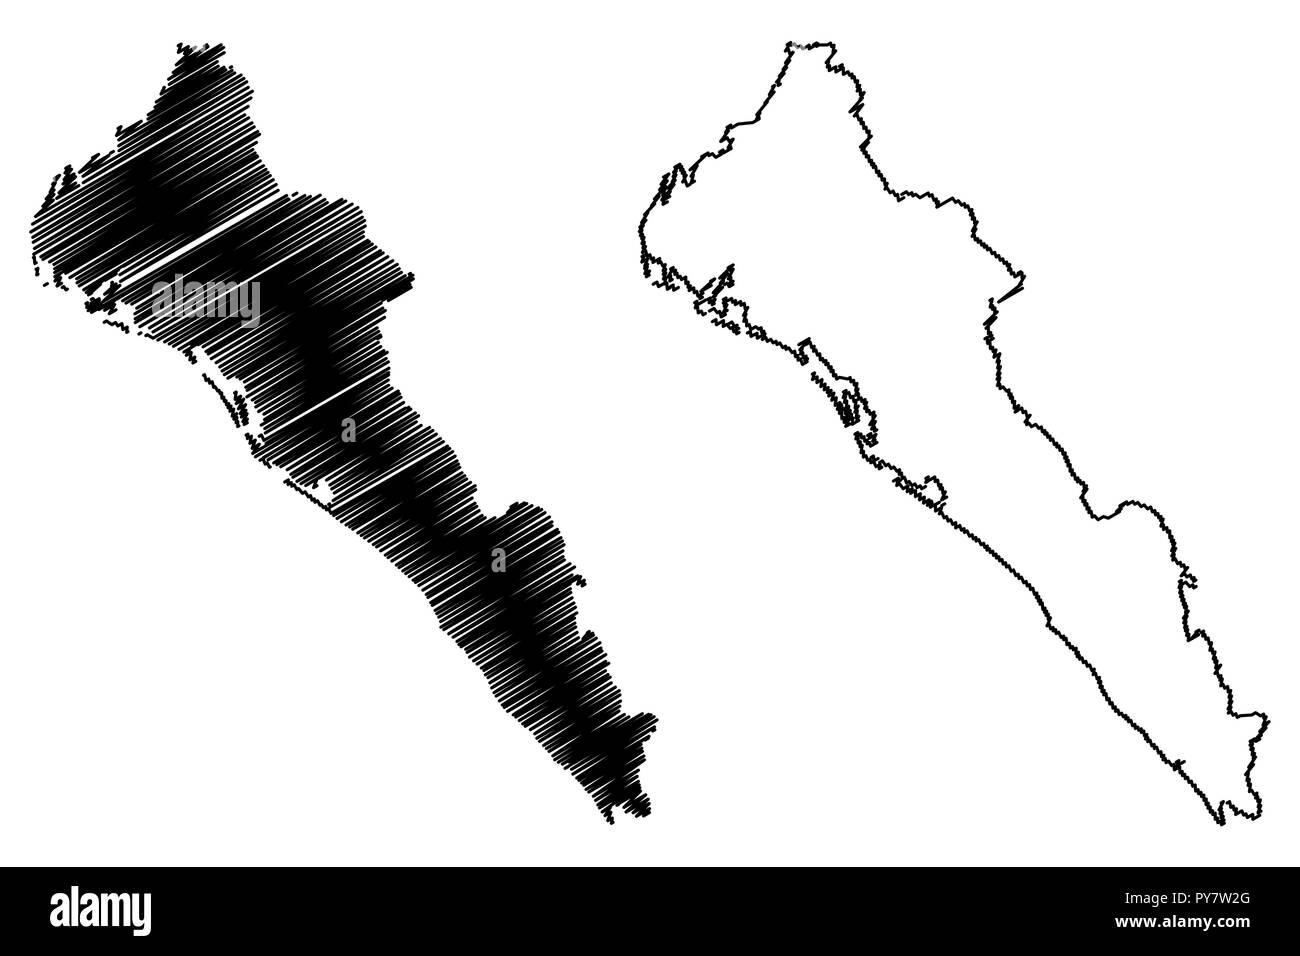 Sinaloa Estados Unidos Mexicanos México República Federal Mapa